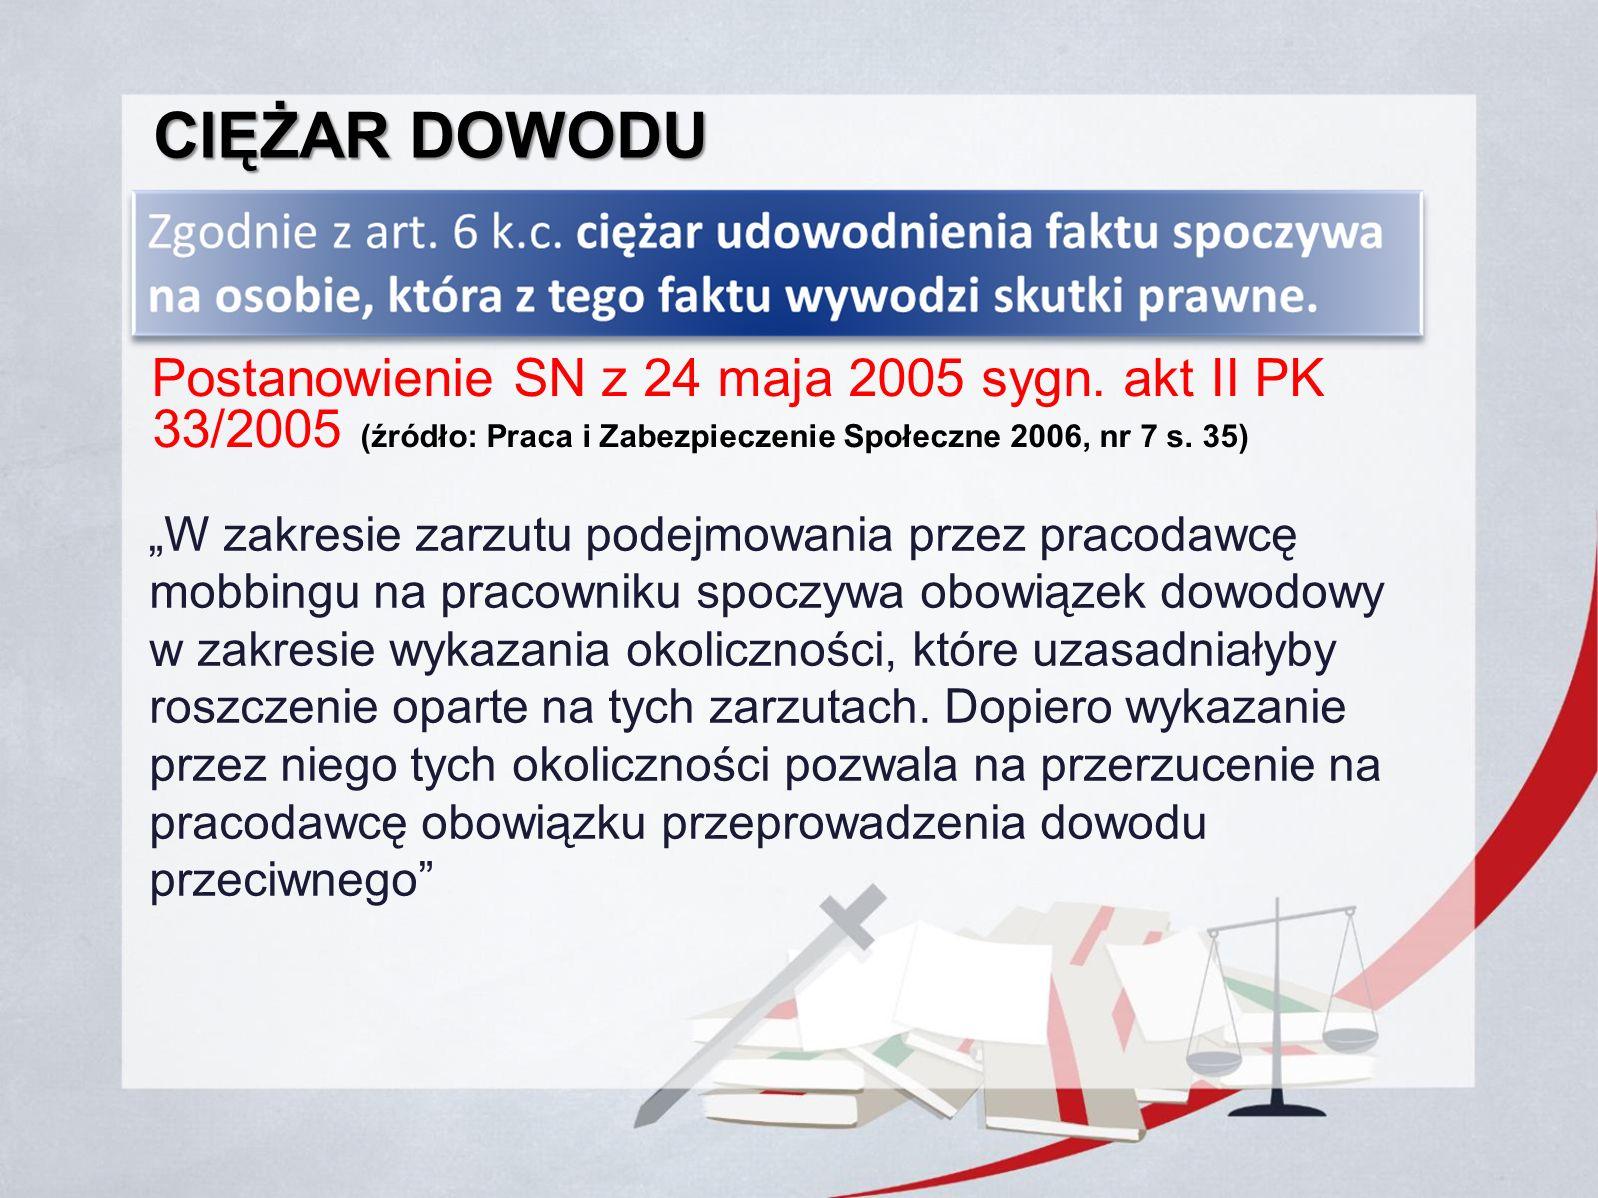 Ciężar dowodu Postanowienie SN z 24 maja 2005 sygn. akt II PK 33/2005 (źródło: Praca i Zabezpieczenie Społeczne 2006, nr 7 s. 35)